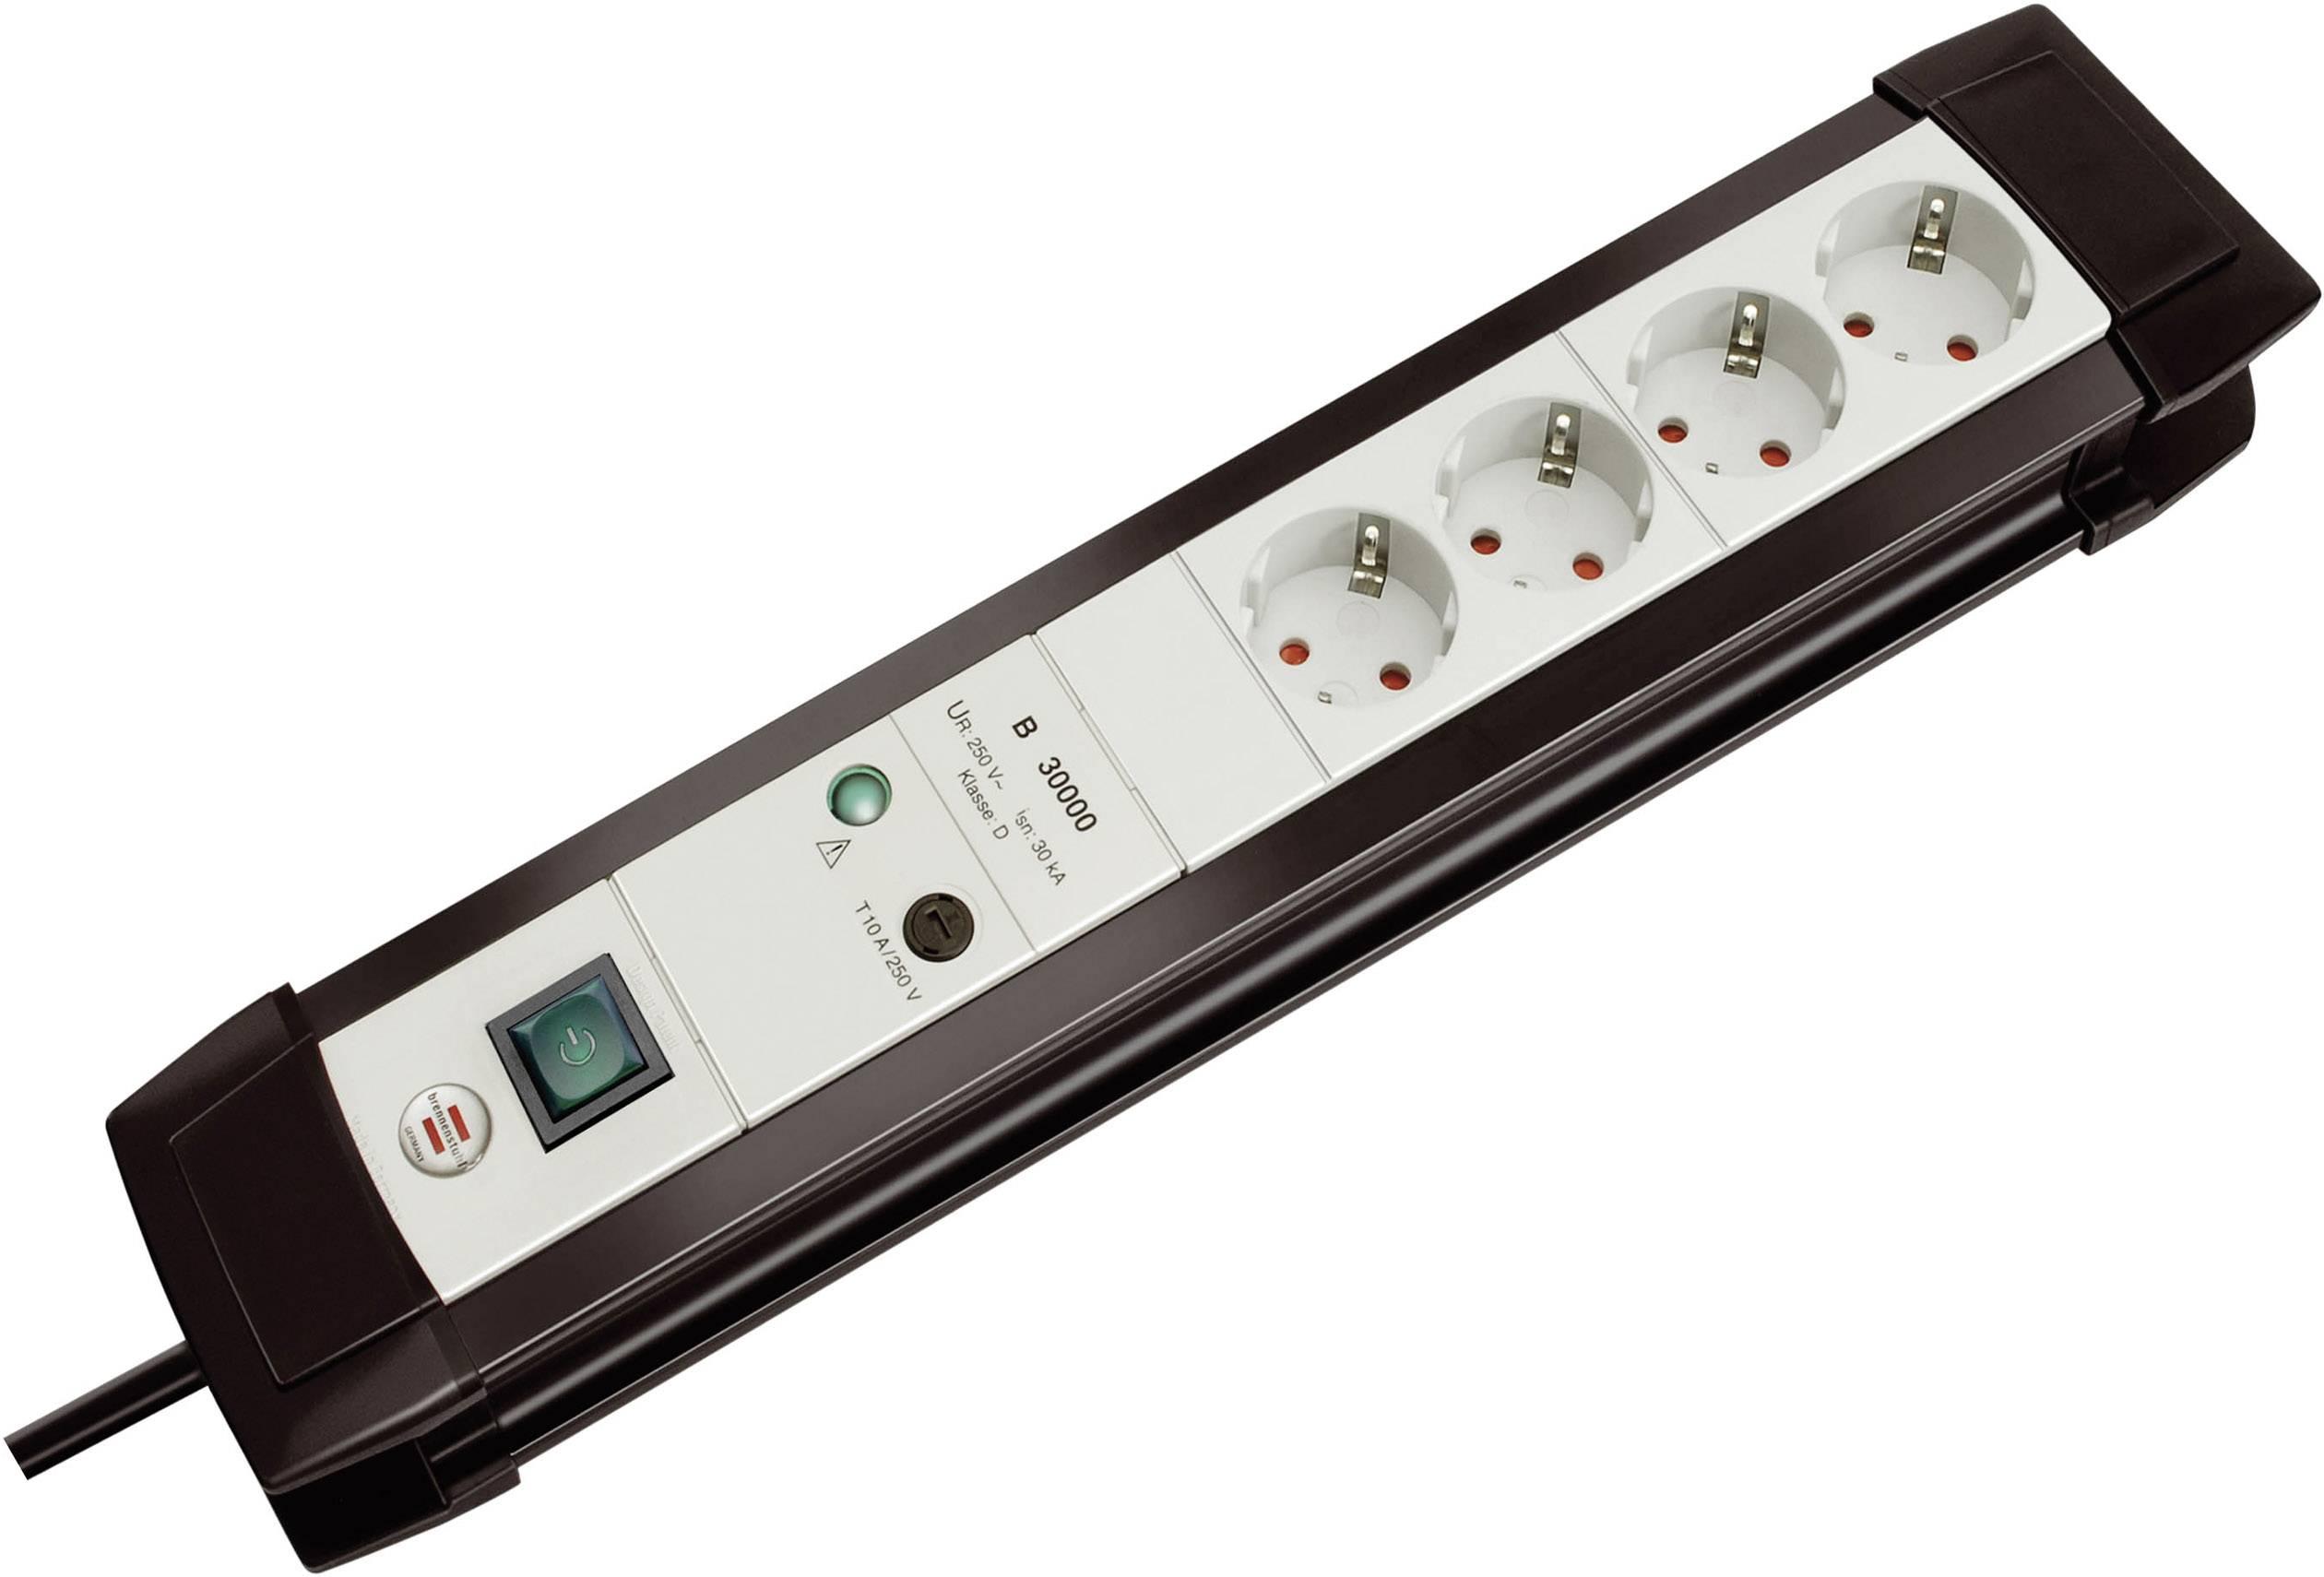 Zásuvková lišta s prepäťovou ochranou, počet zásuviek 4 Brennenstuhl Premium-Line 30.000A 1157050374, 1.80 m, čierna, sivá